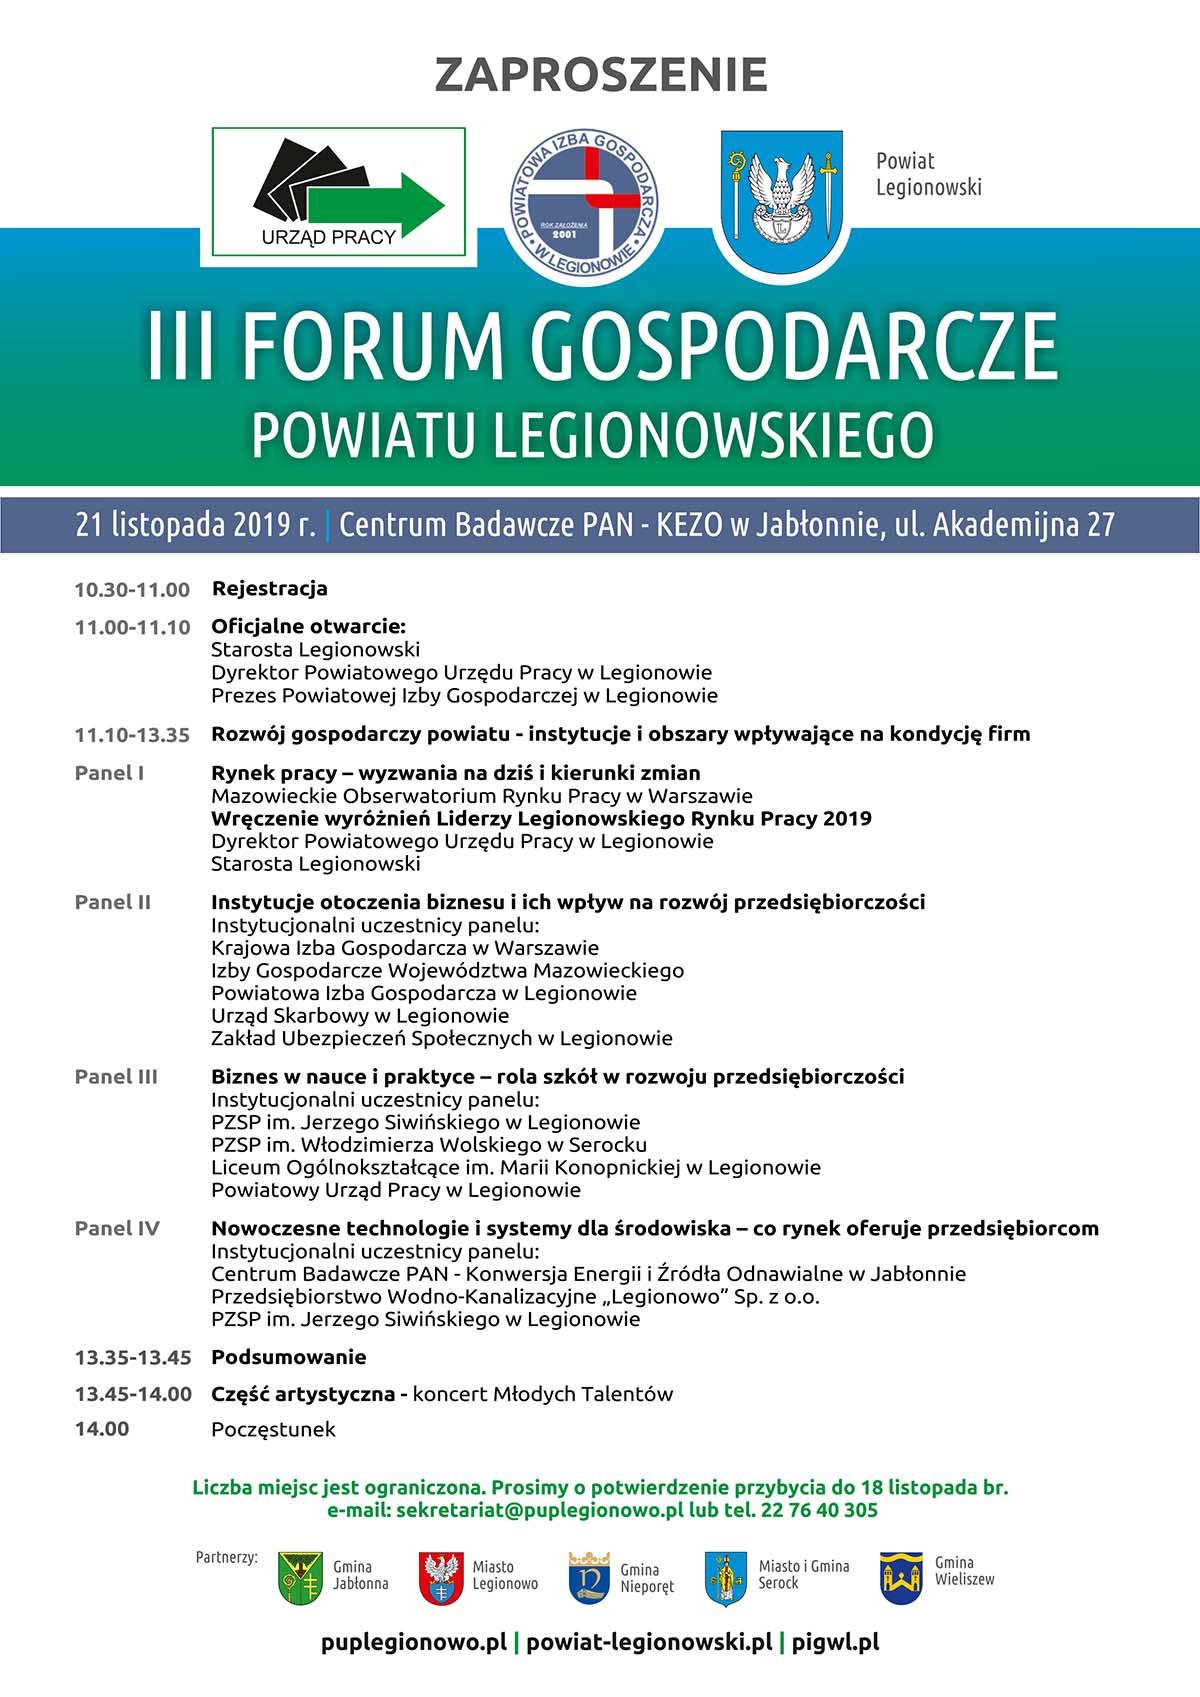 III Forum Gospodarcze w Legionowie